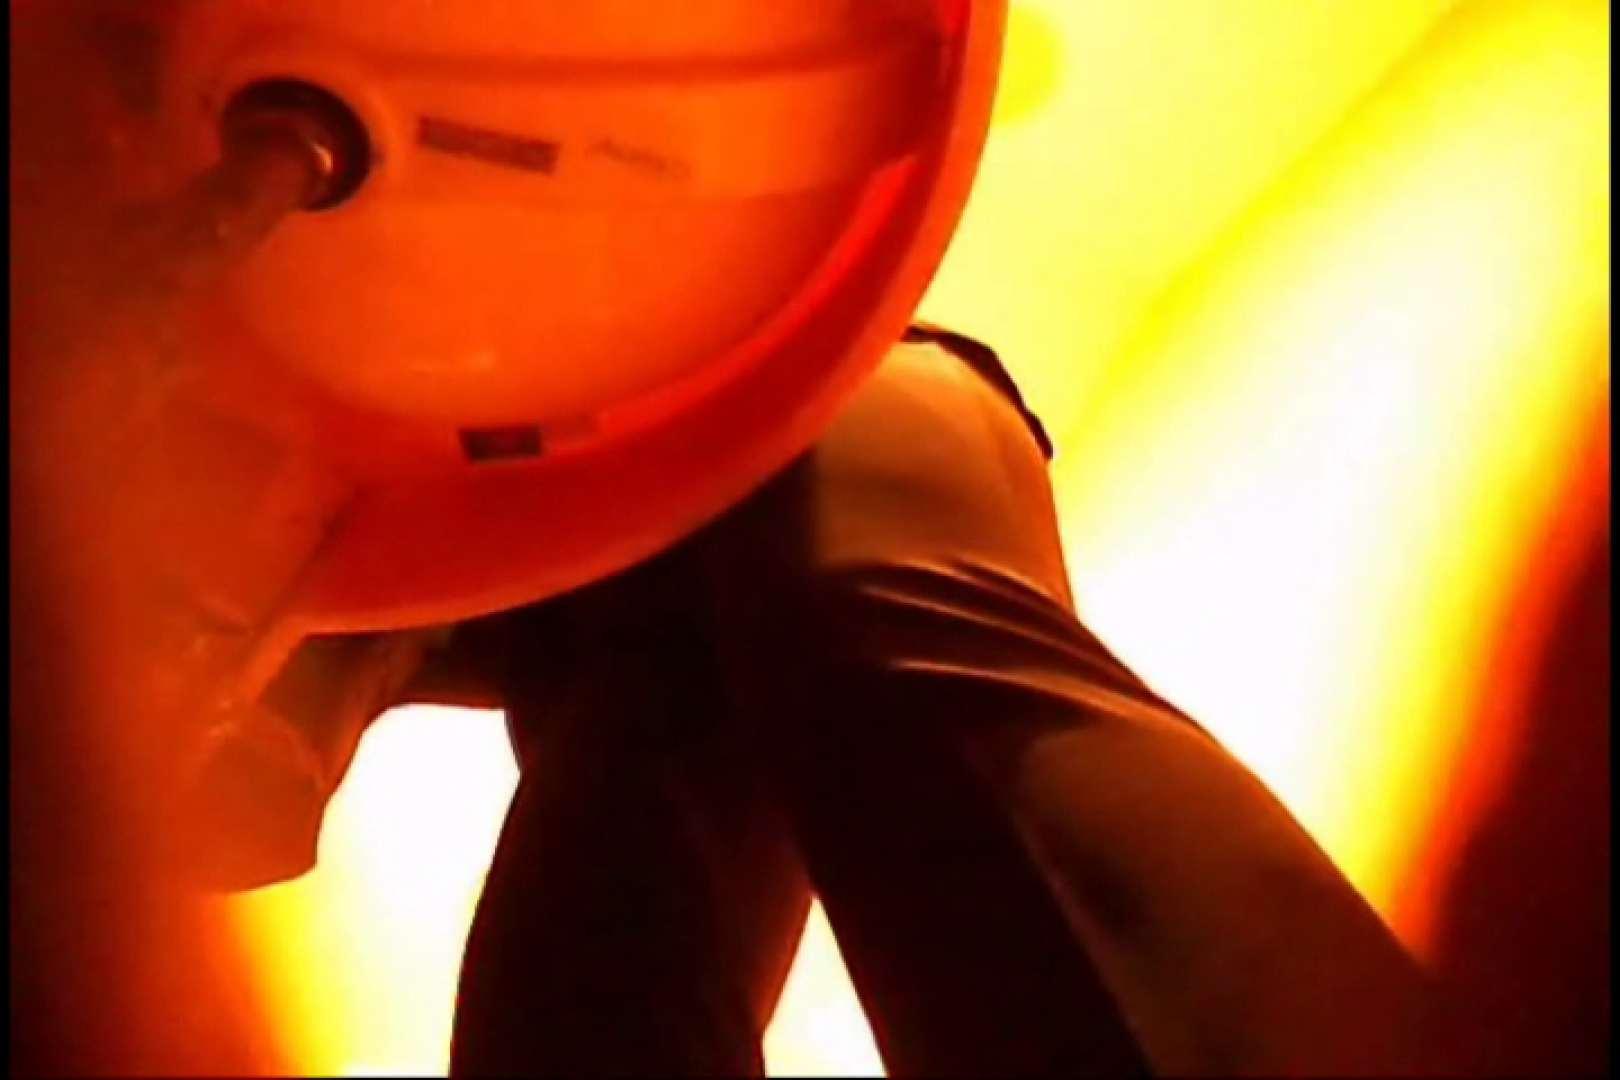 潜入!!女子化粧室盗撮~絶対見られたくない時間~vo,28 潜入突撃 盗み撮り動画キャプチャ 88pic 63